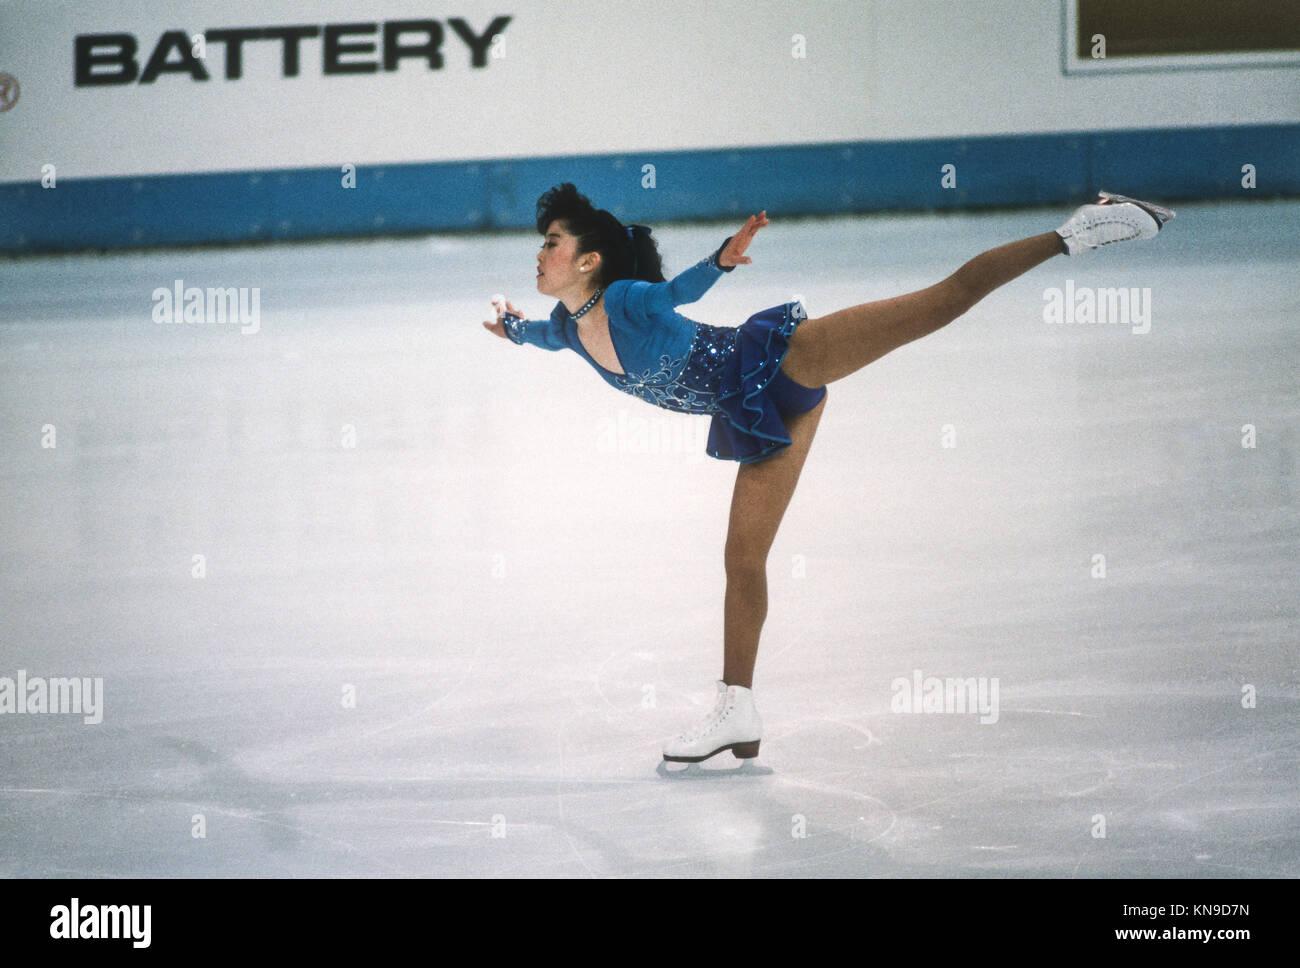 Kristi Yamaguchi (USA) competing at the 1989 World Championships. - Stock Image